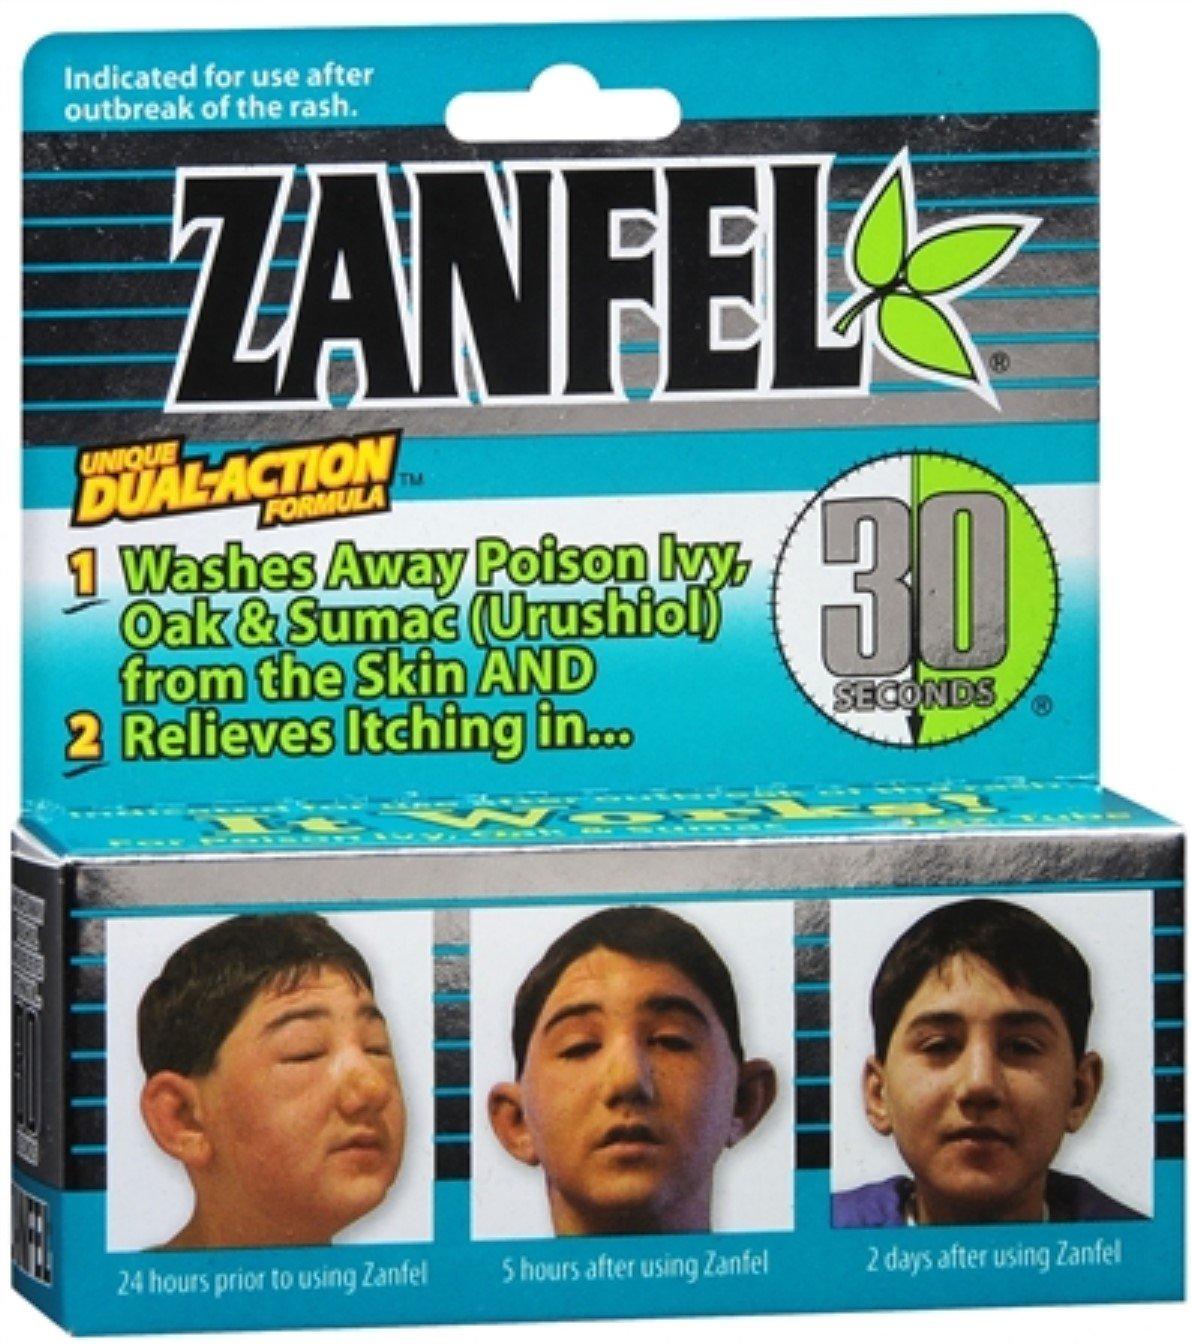 Zanfel Wash For Poison Ivy, Oak & Sumac (Urushiol) 1 oz (Pack of 7)